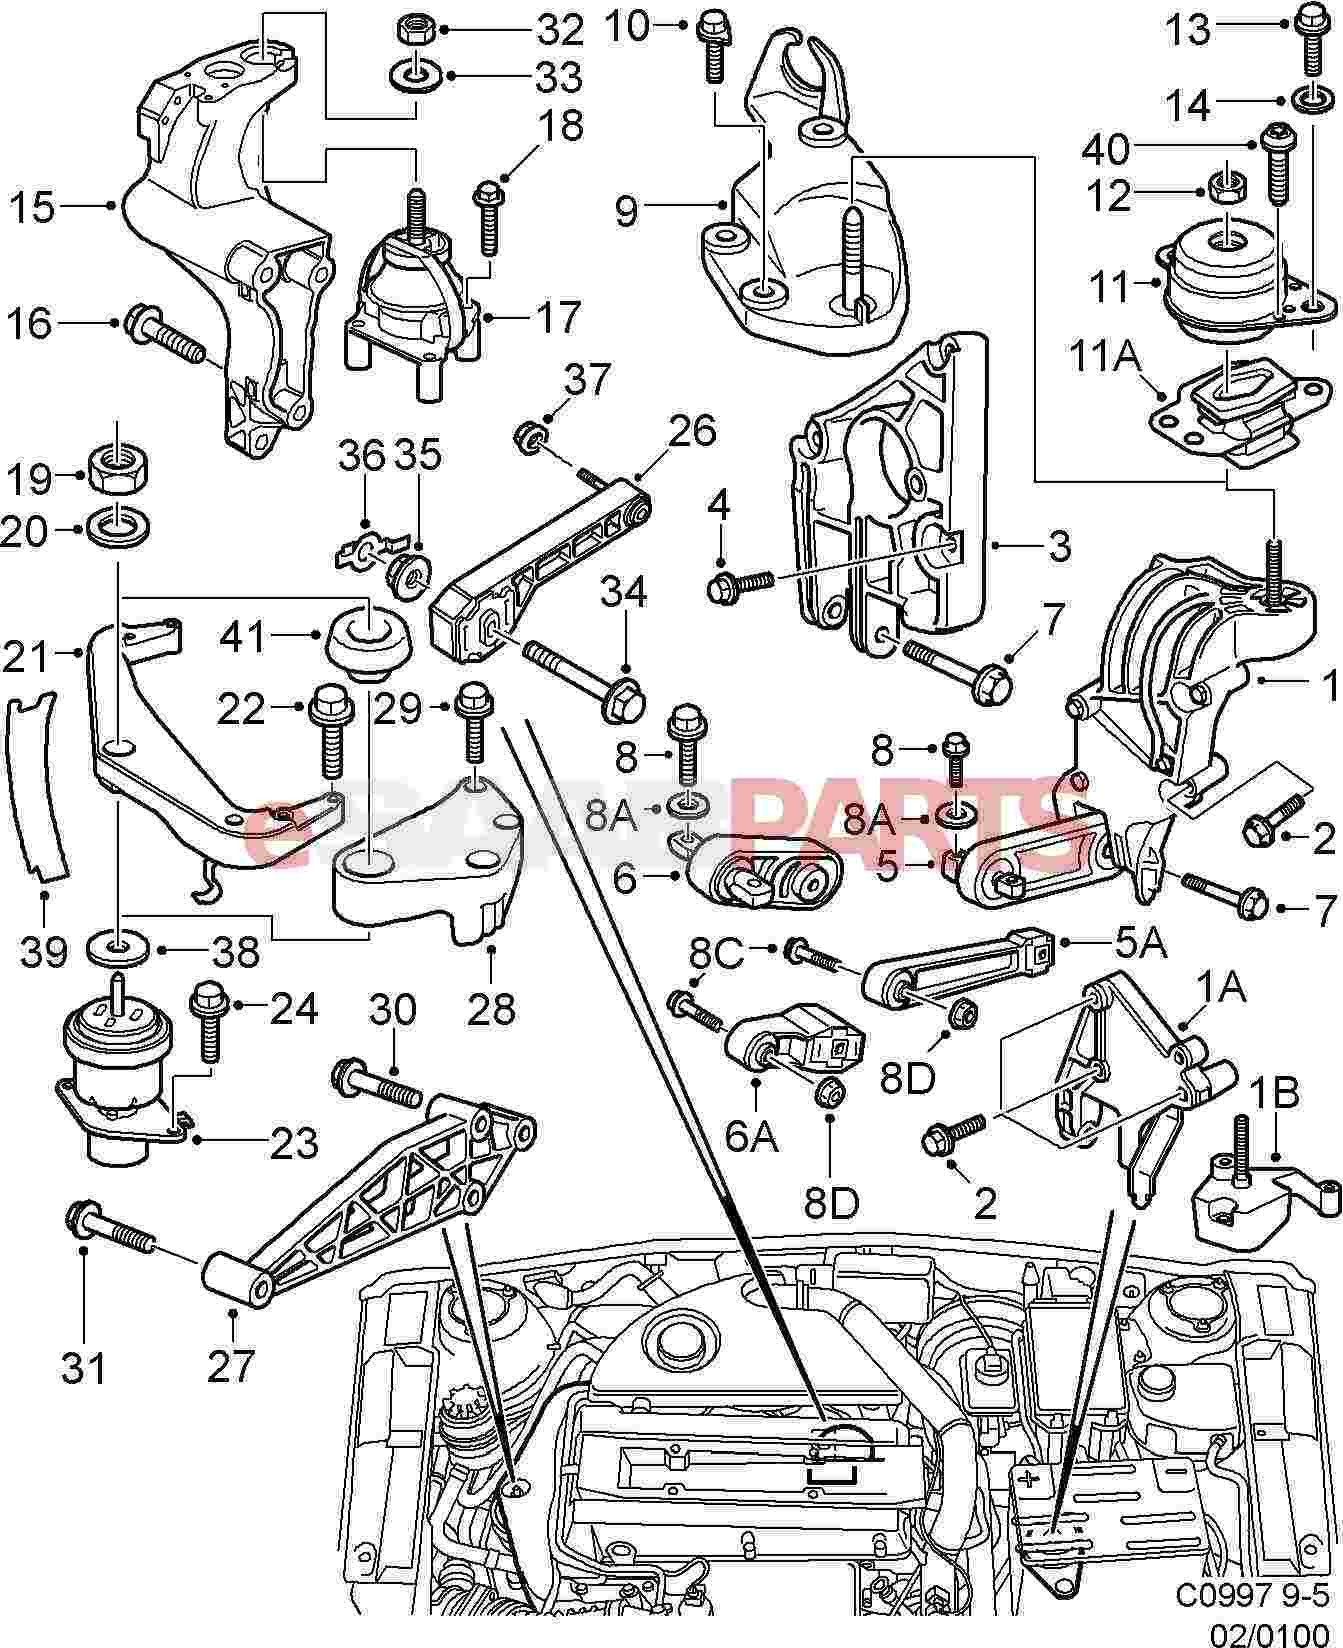 Ford Expedition Vacuum Hose Diagram